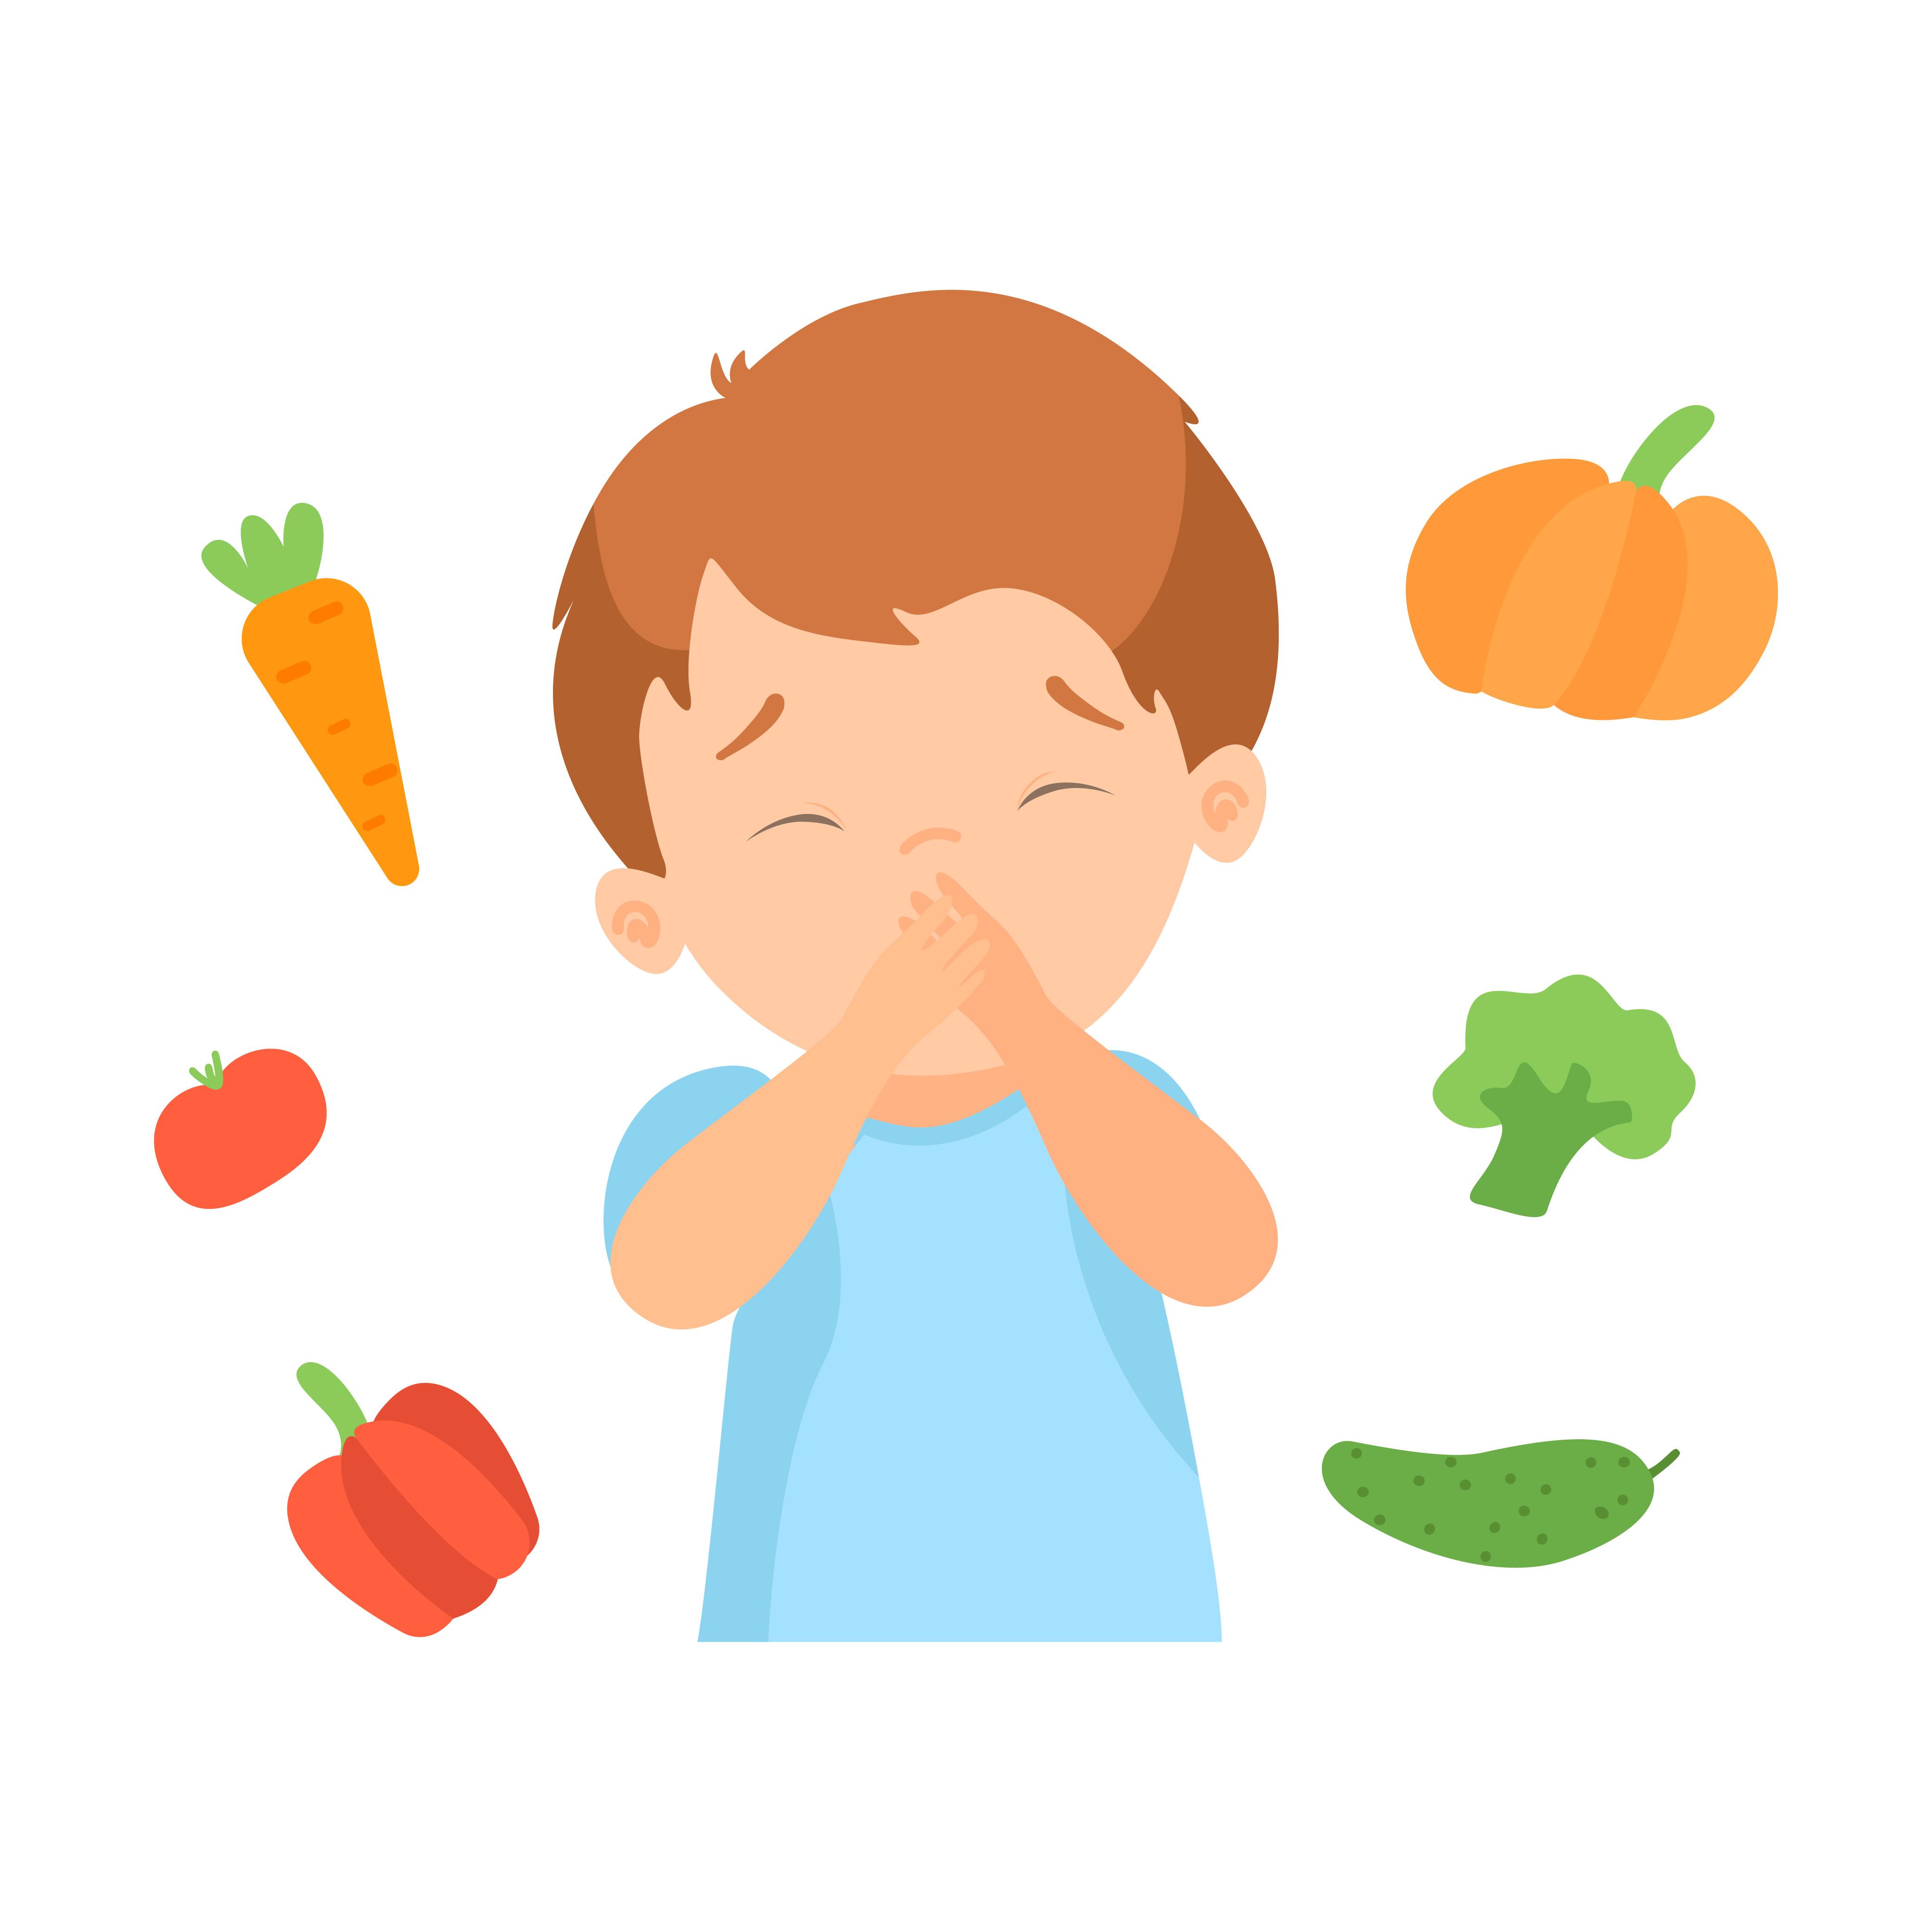 発達障がいの子どもの偏食、どうやったら改善できる?